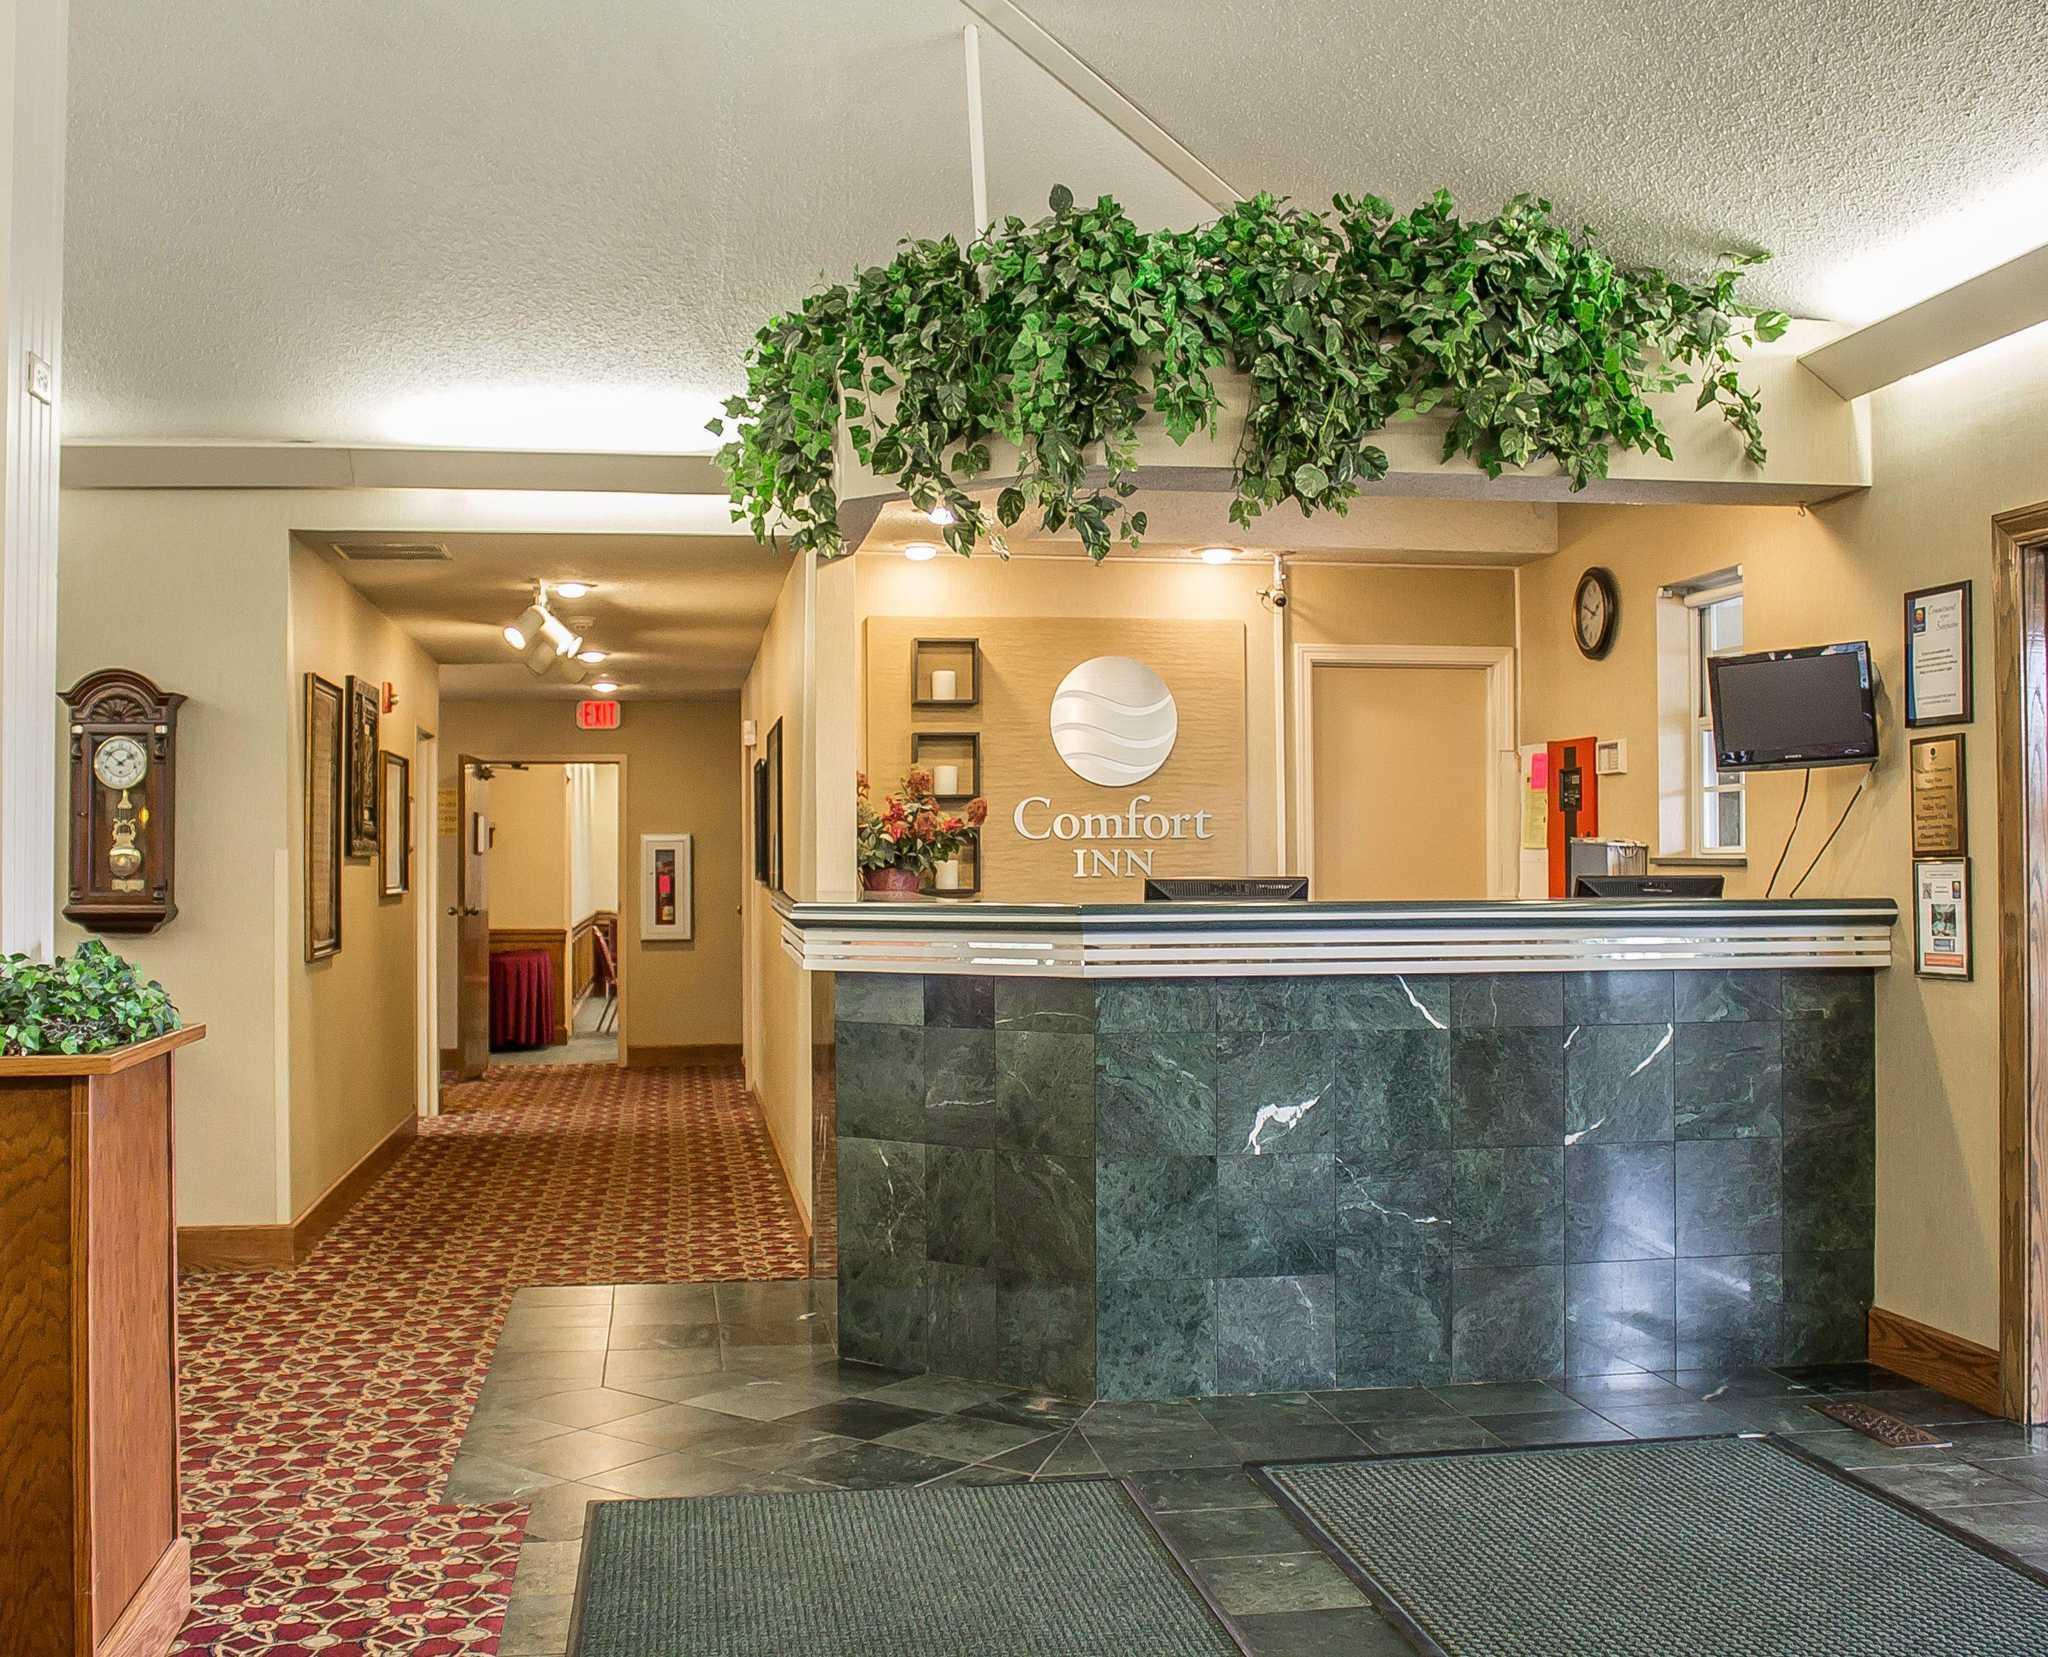 Comfort Inn Splash Harbor image 22